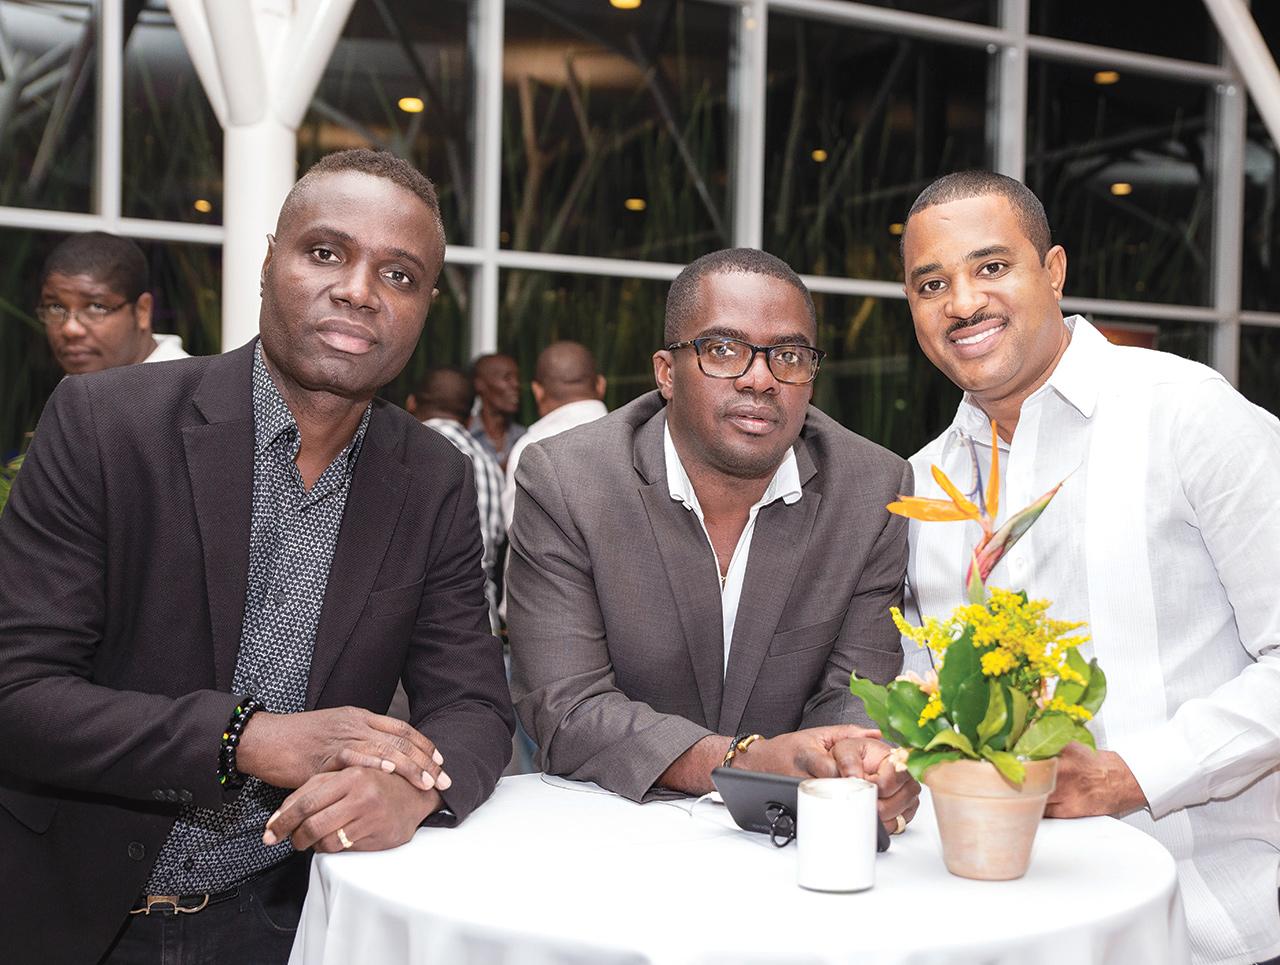 L'artiste Kenny Desmangles et Akinson Bélizaire, alias Zagalo, accompagné d'un ami.